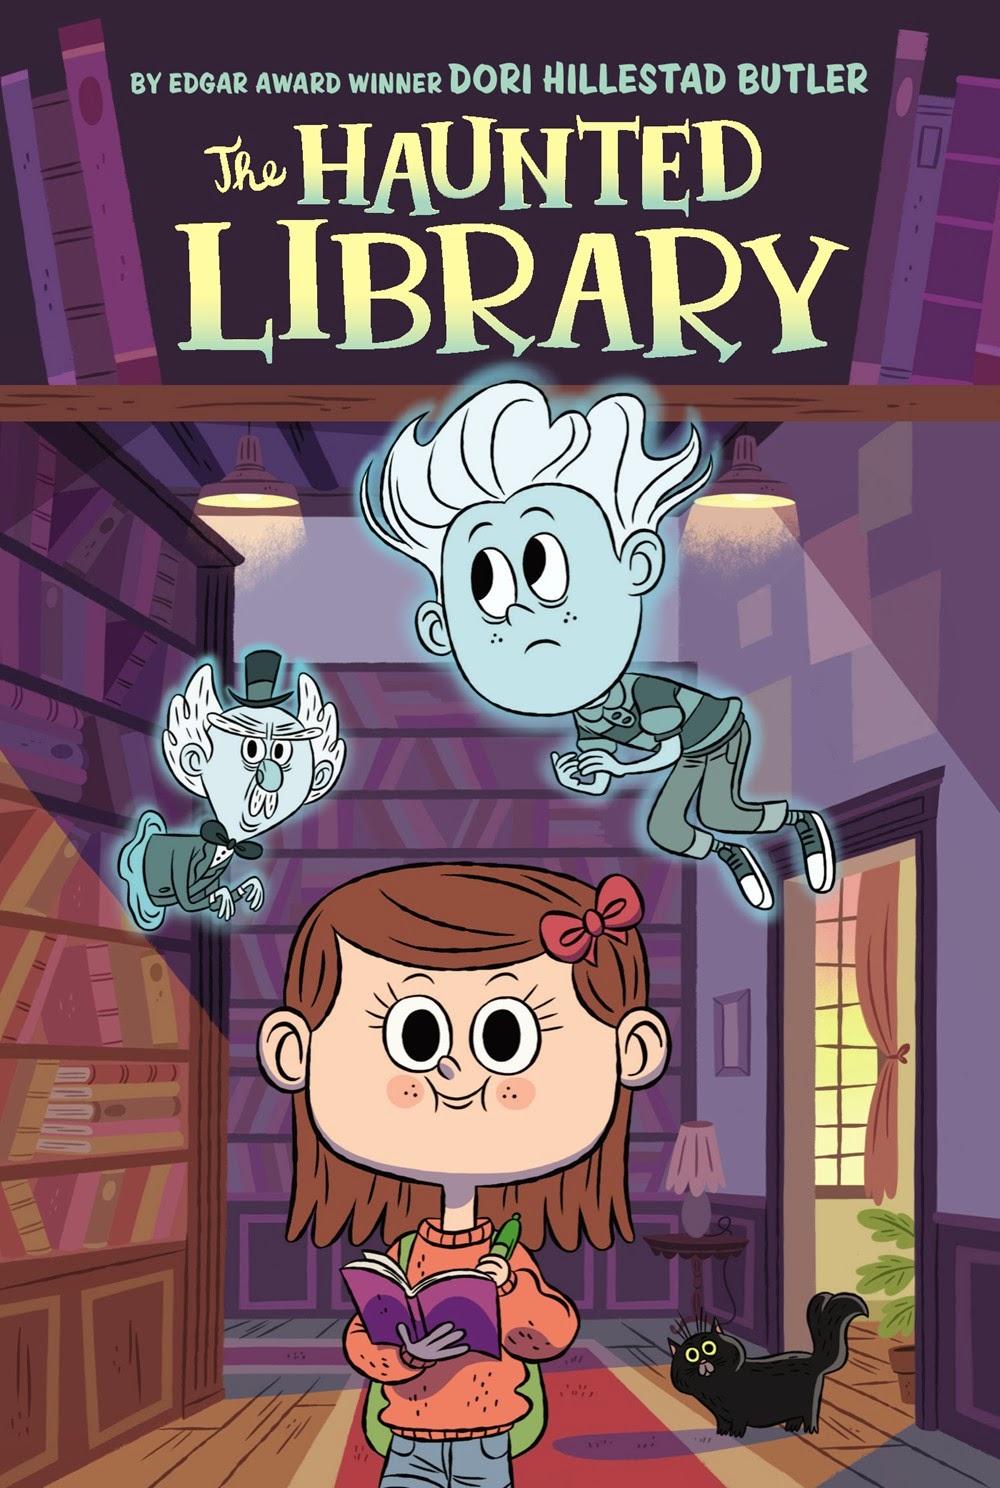 The Haunted Bookshop, LLC